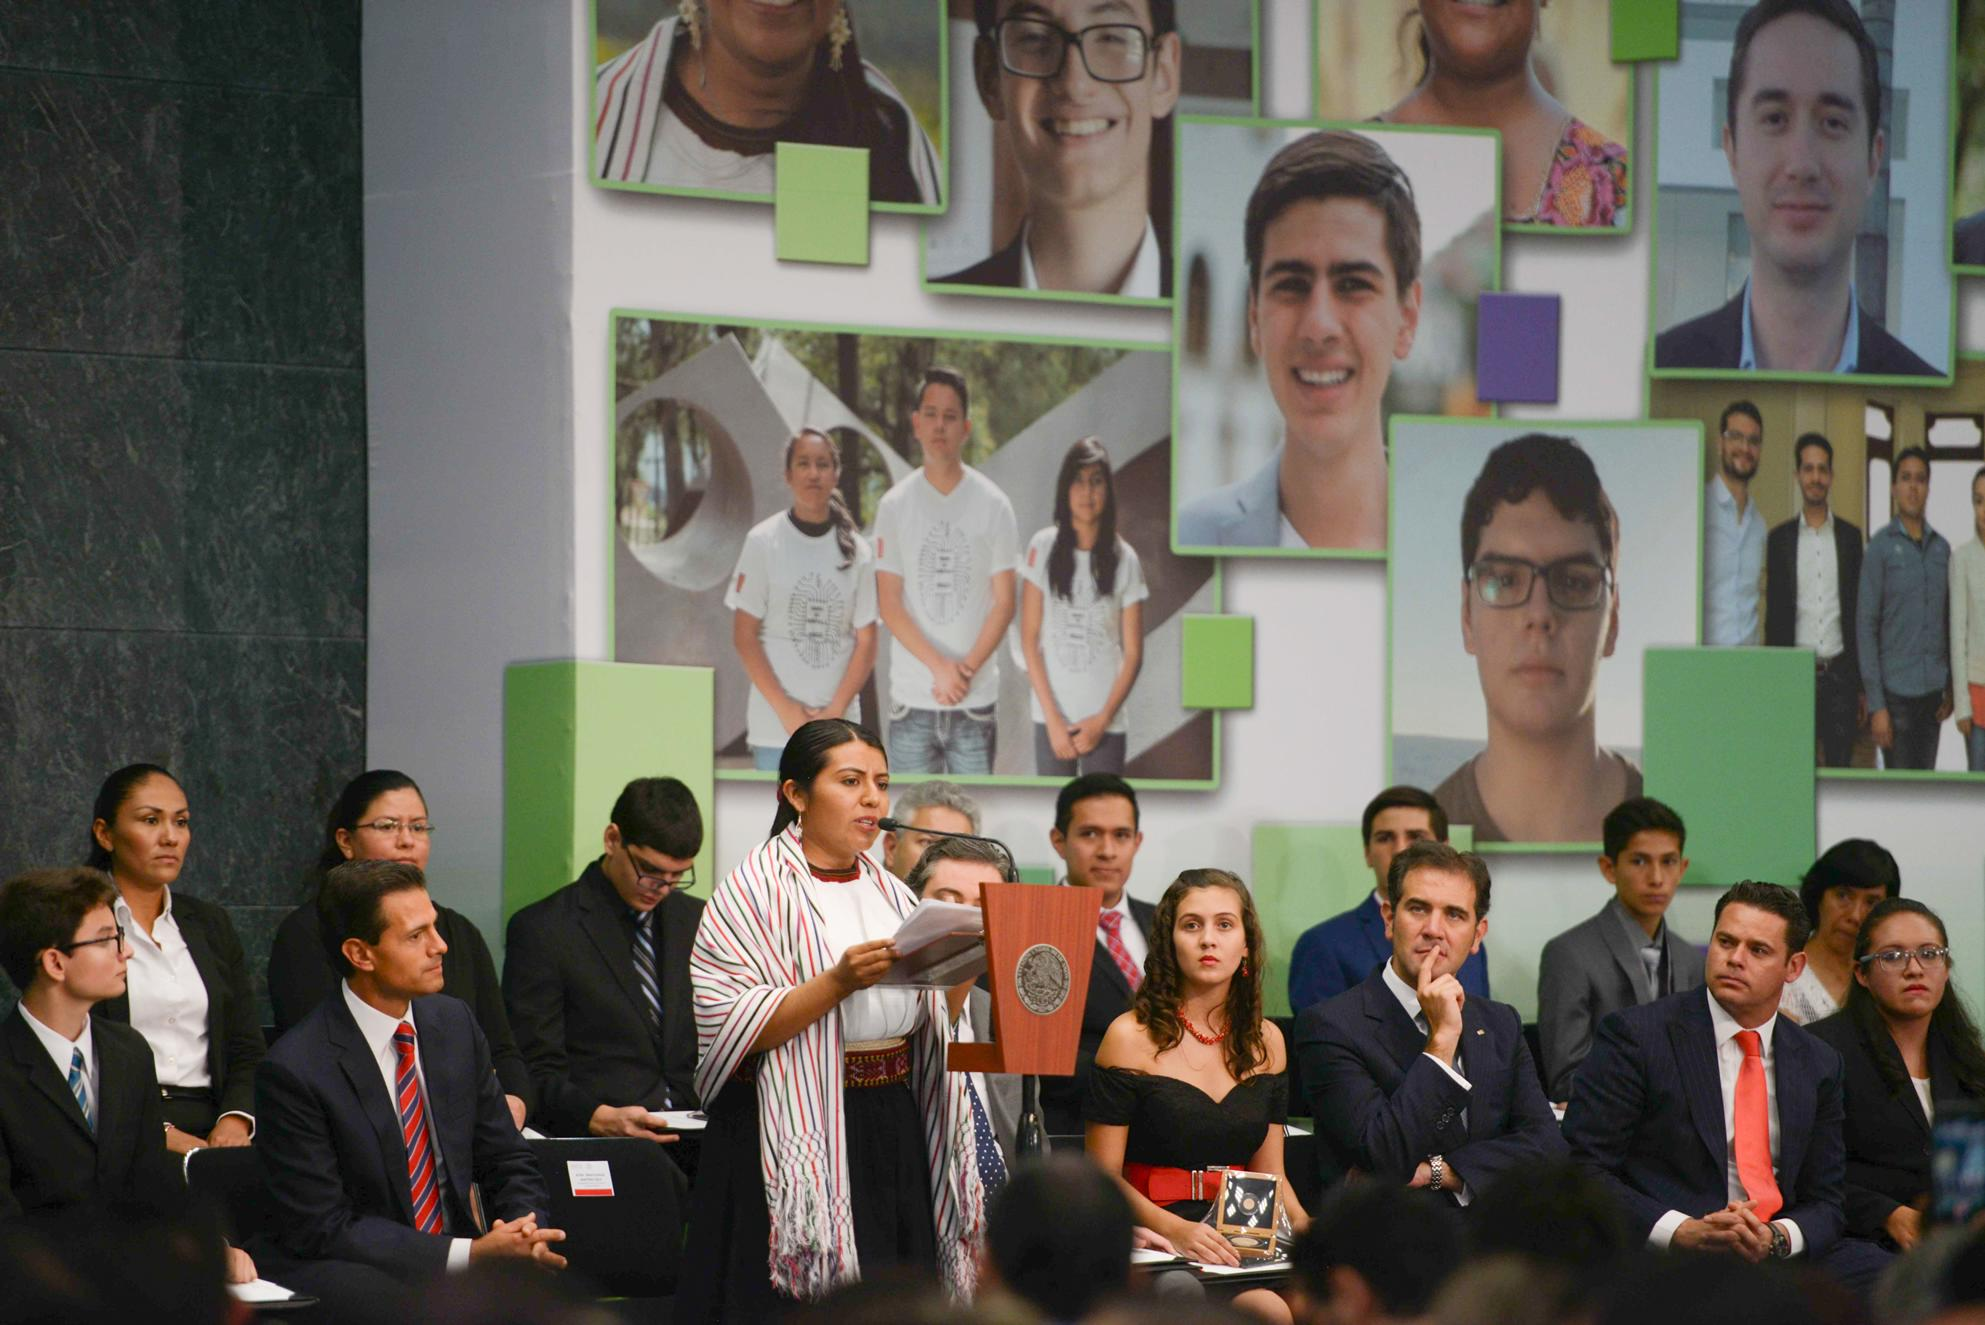 """Tania Eulalia Martínez Cruz, aseguró, a nombre los premiados, que """"todos estamos aquí para sumarnos y construir un mejor país, porque hay que trabajar por lo que amamos""""."""